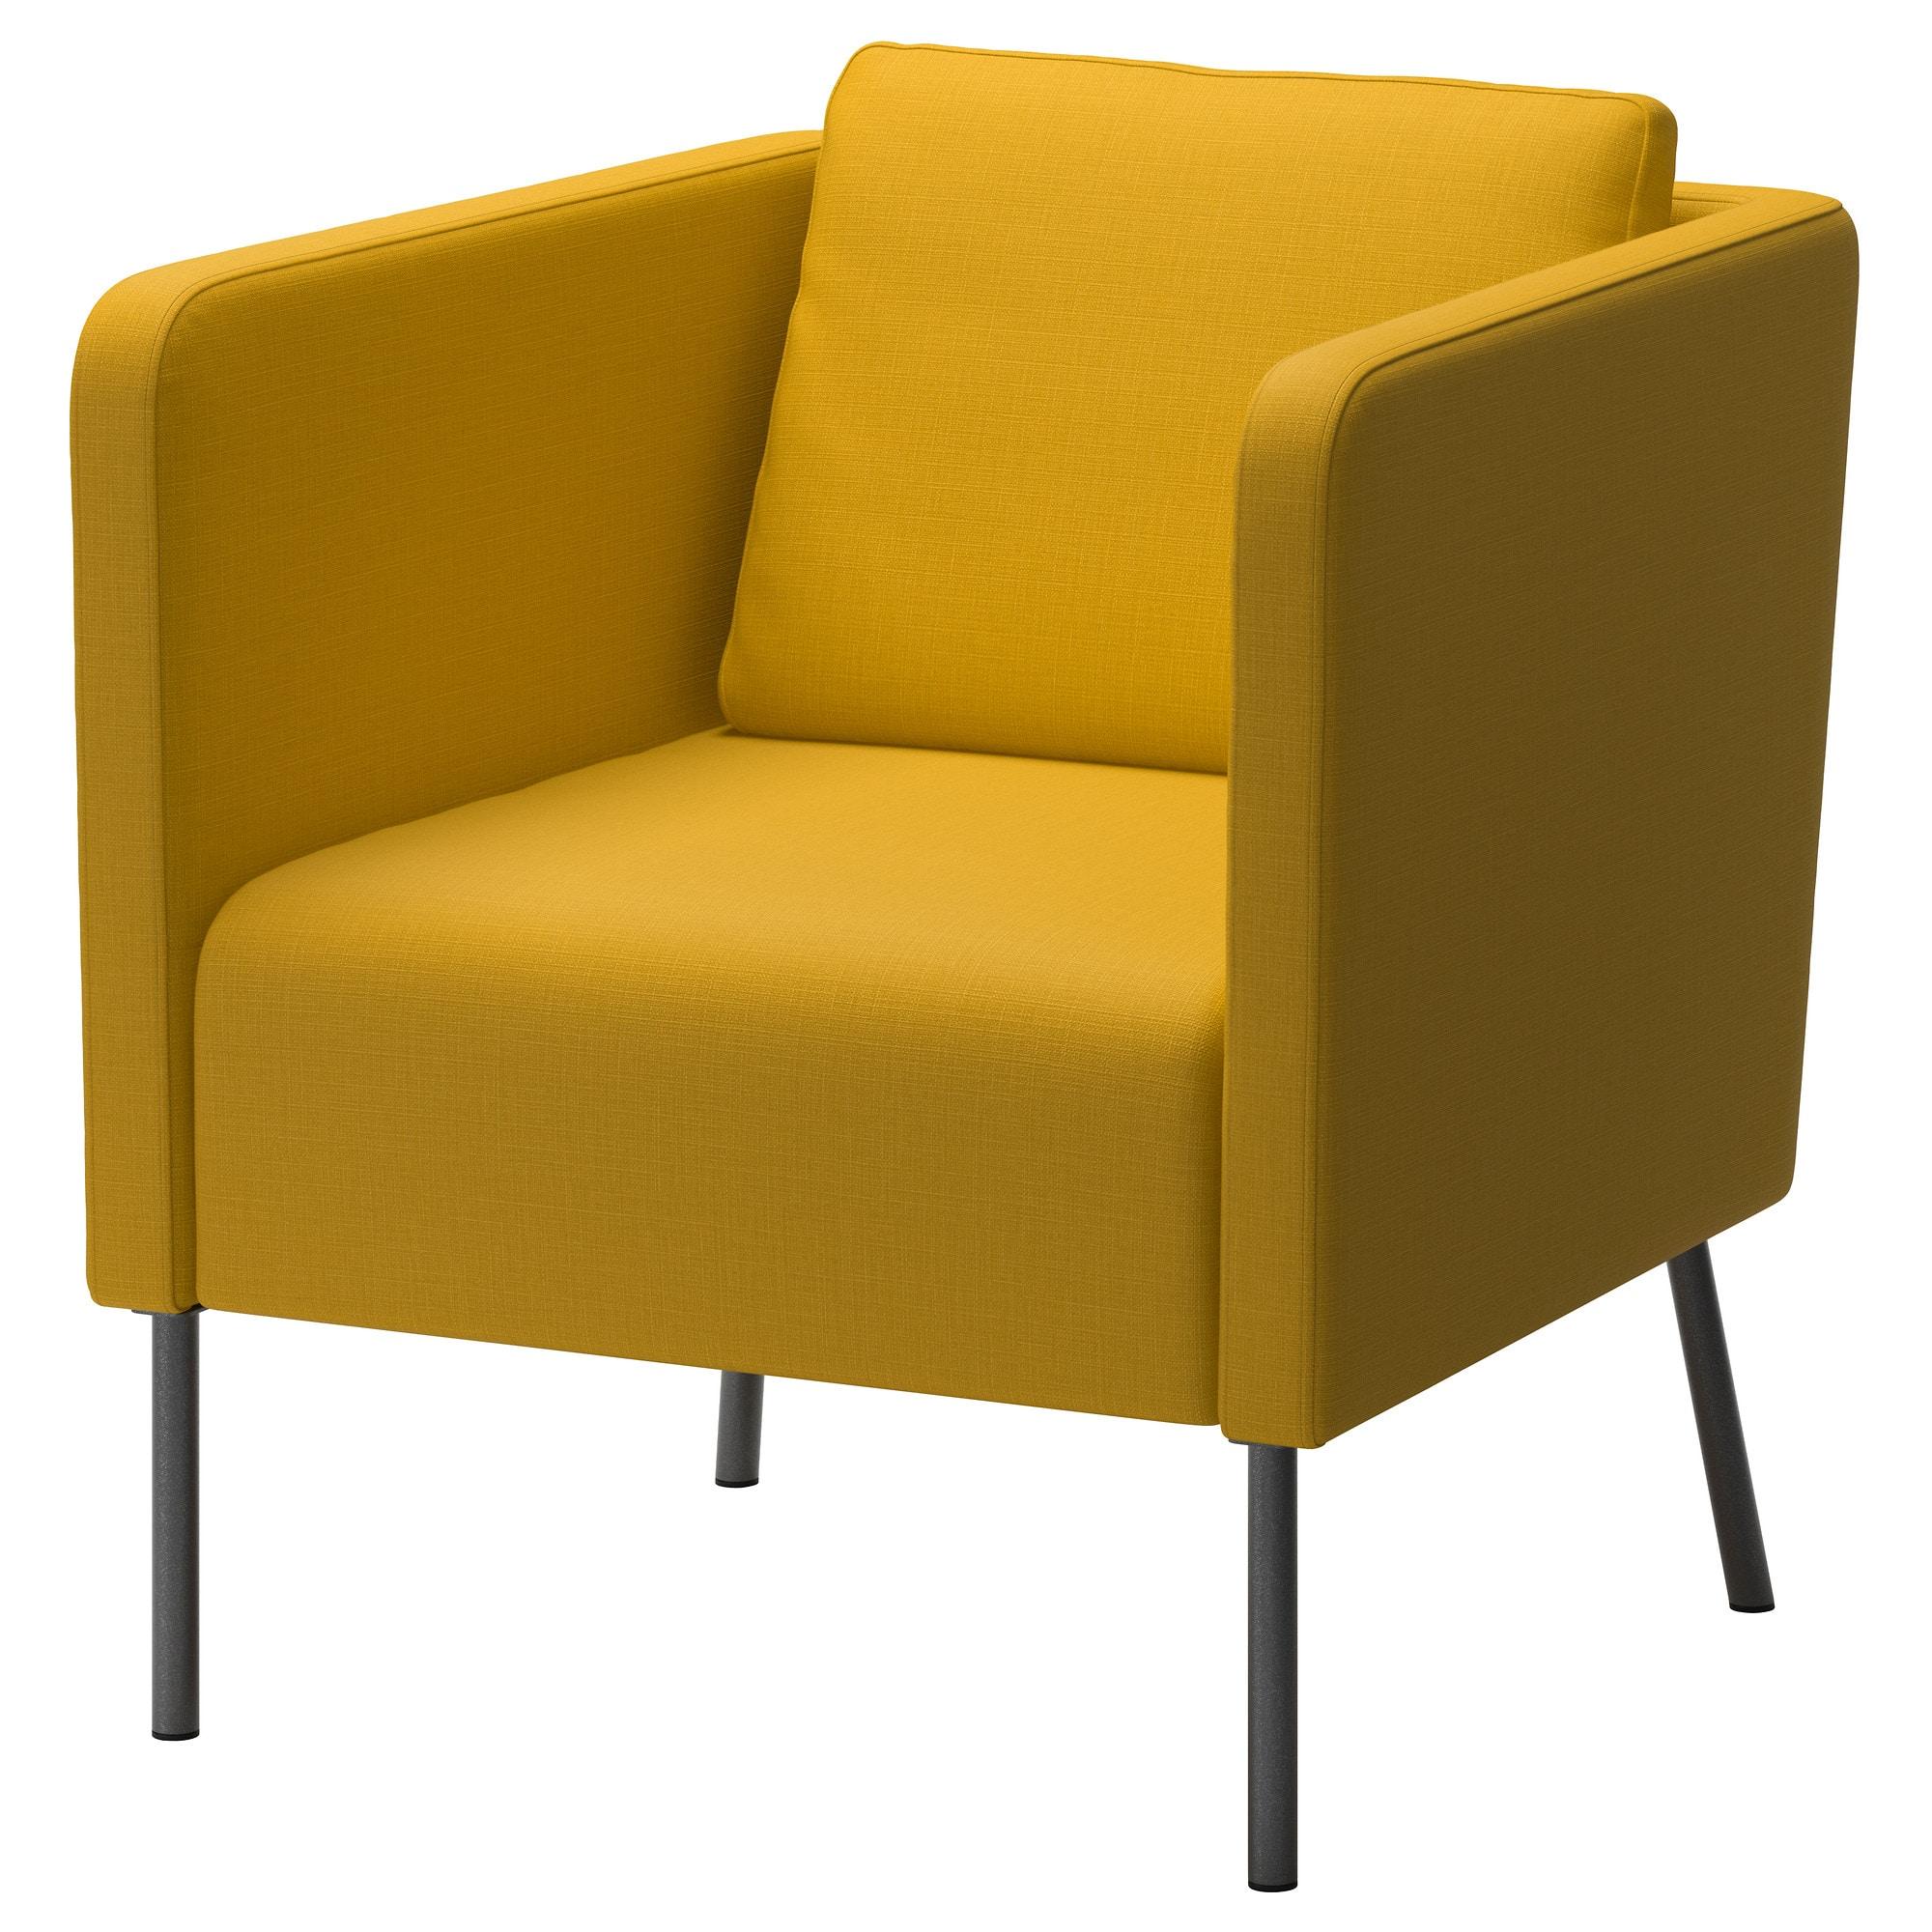 Full Size of Sessel Ikea 17 Sparen Eker Nur 99 Relaxsessel Garten Aldi Küche Kosten Hängesessel Wohnzimmer Sofa Mit Schlaffunktion Schlafzimmer Lounge Kaufen Miniküche Wohnzimmer Sessel Ikea